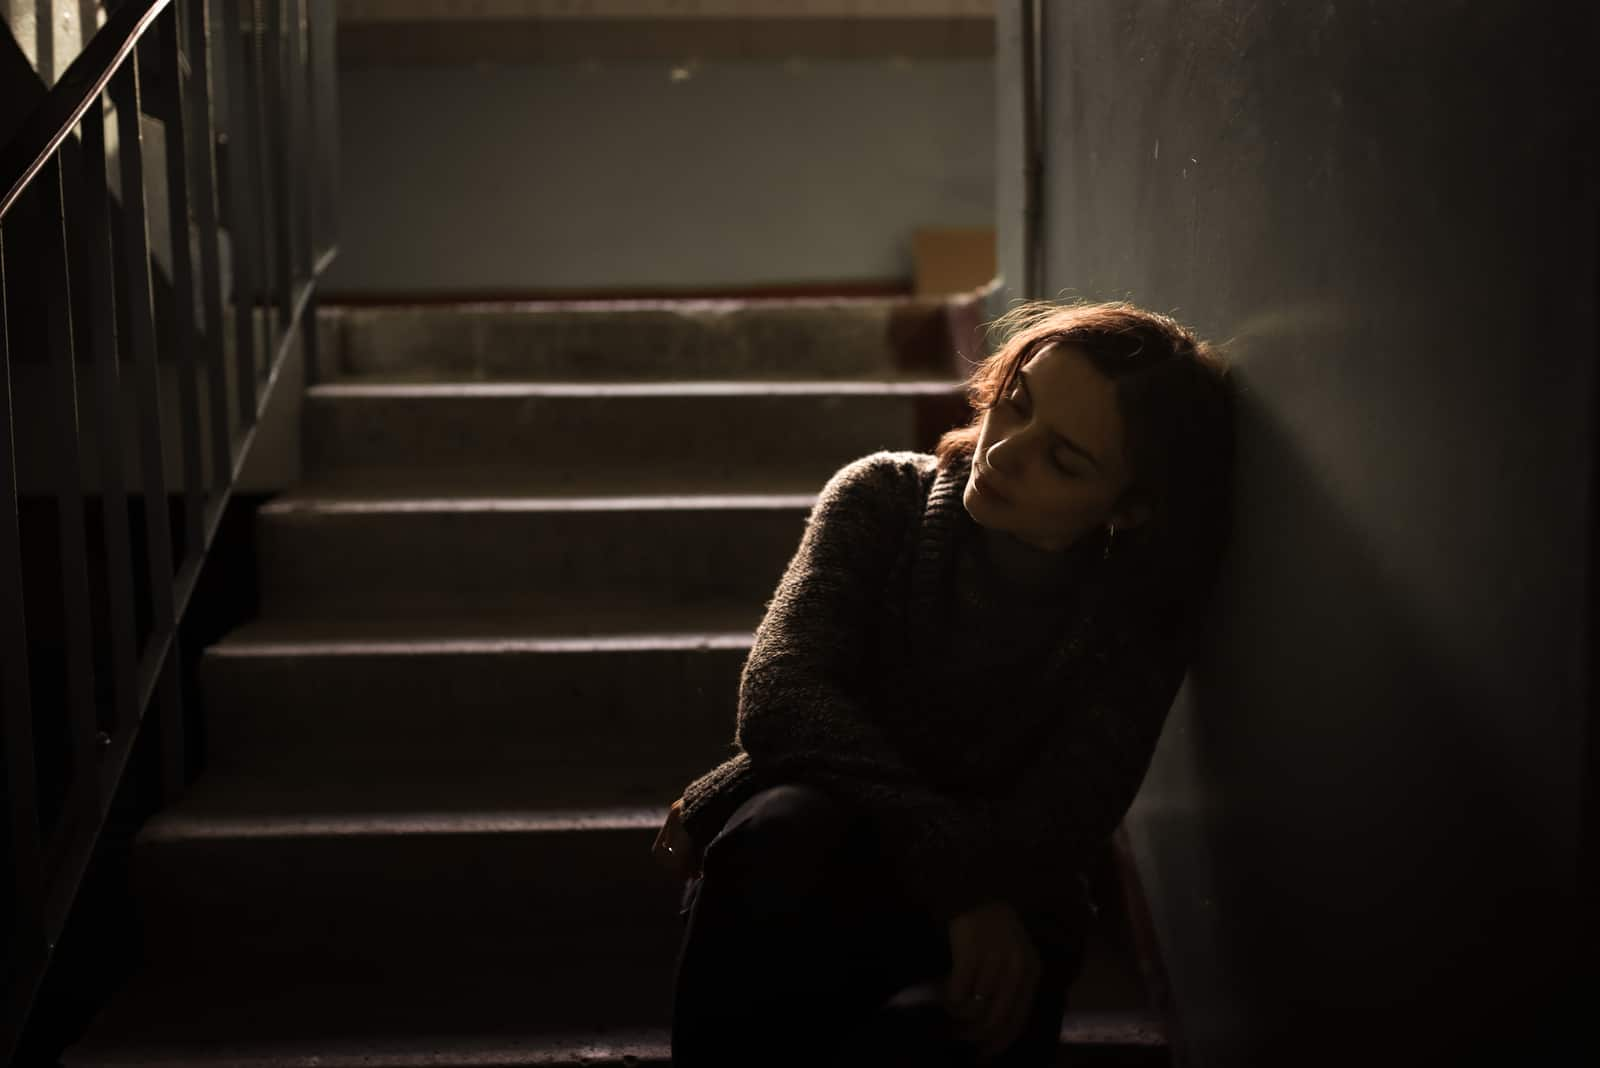 Im Haus auf der Treppe sitzt eine depressive Frau